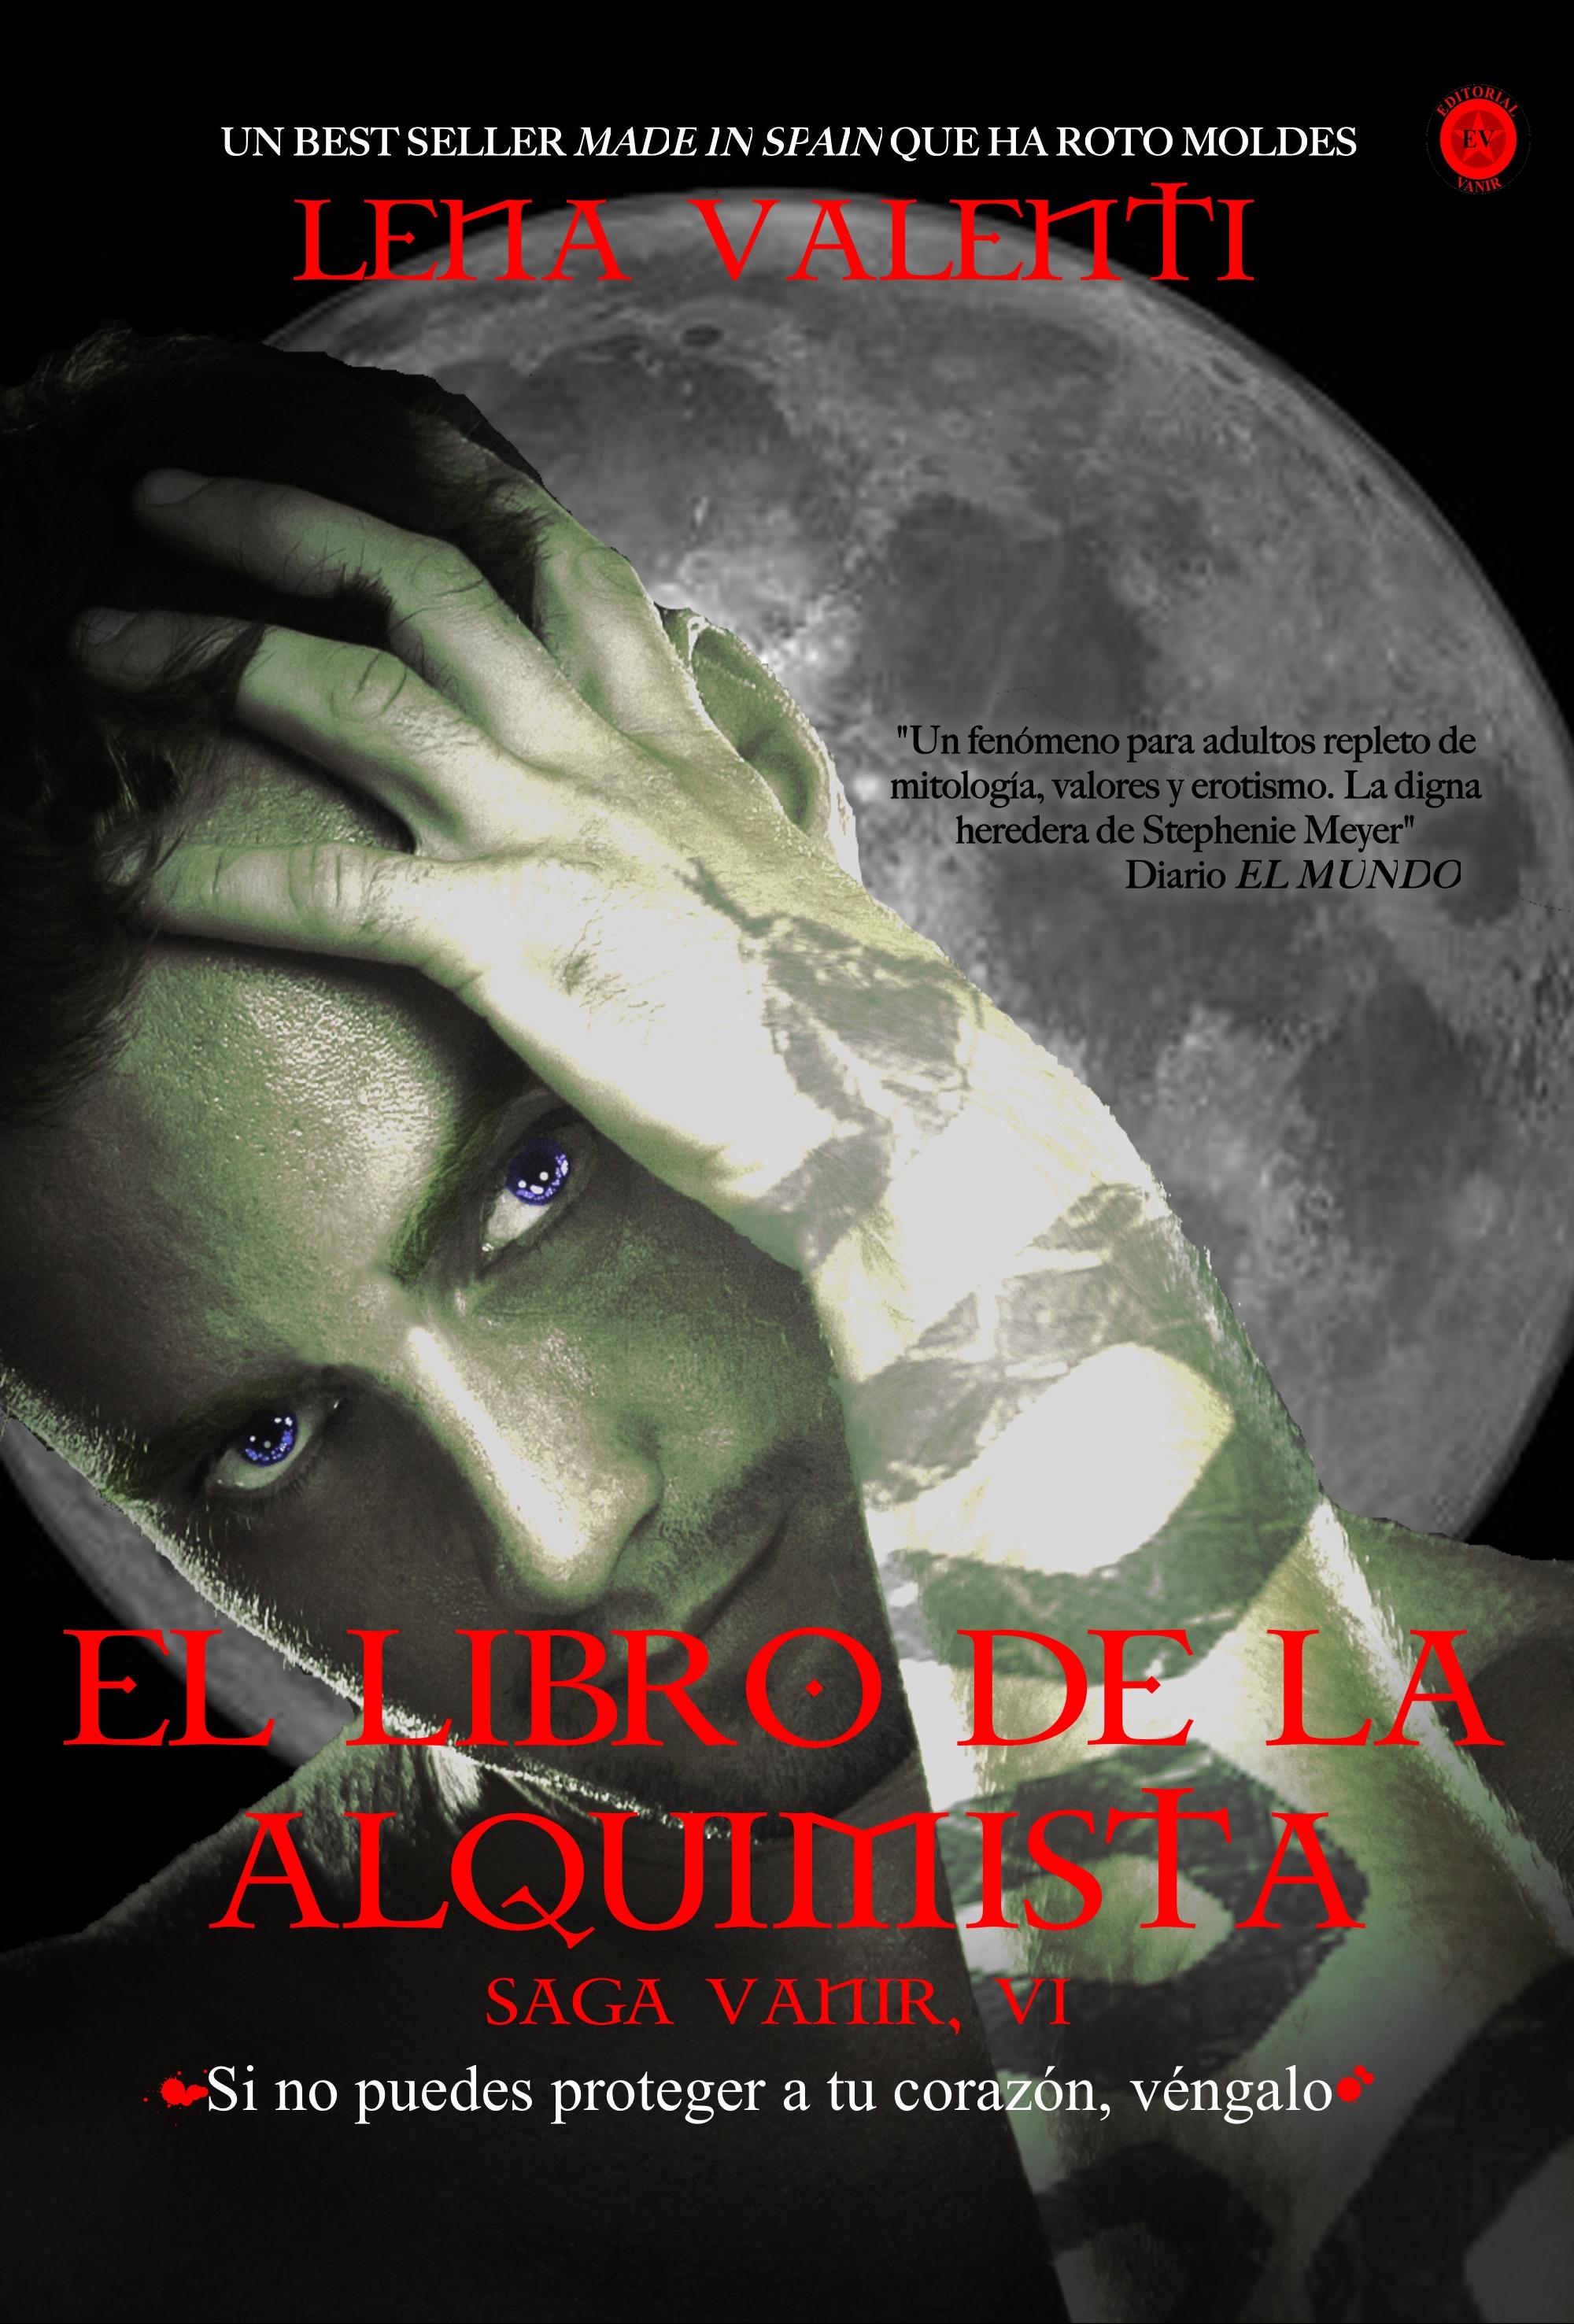 Lena Valenti El Libro de la Alquimista